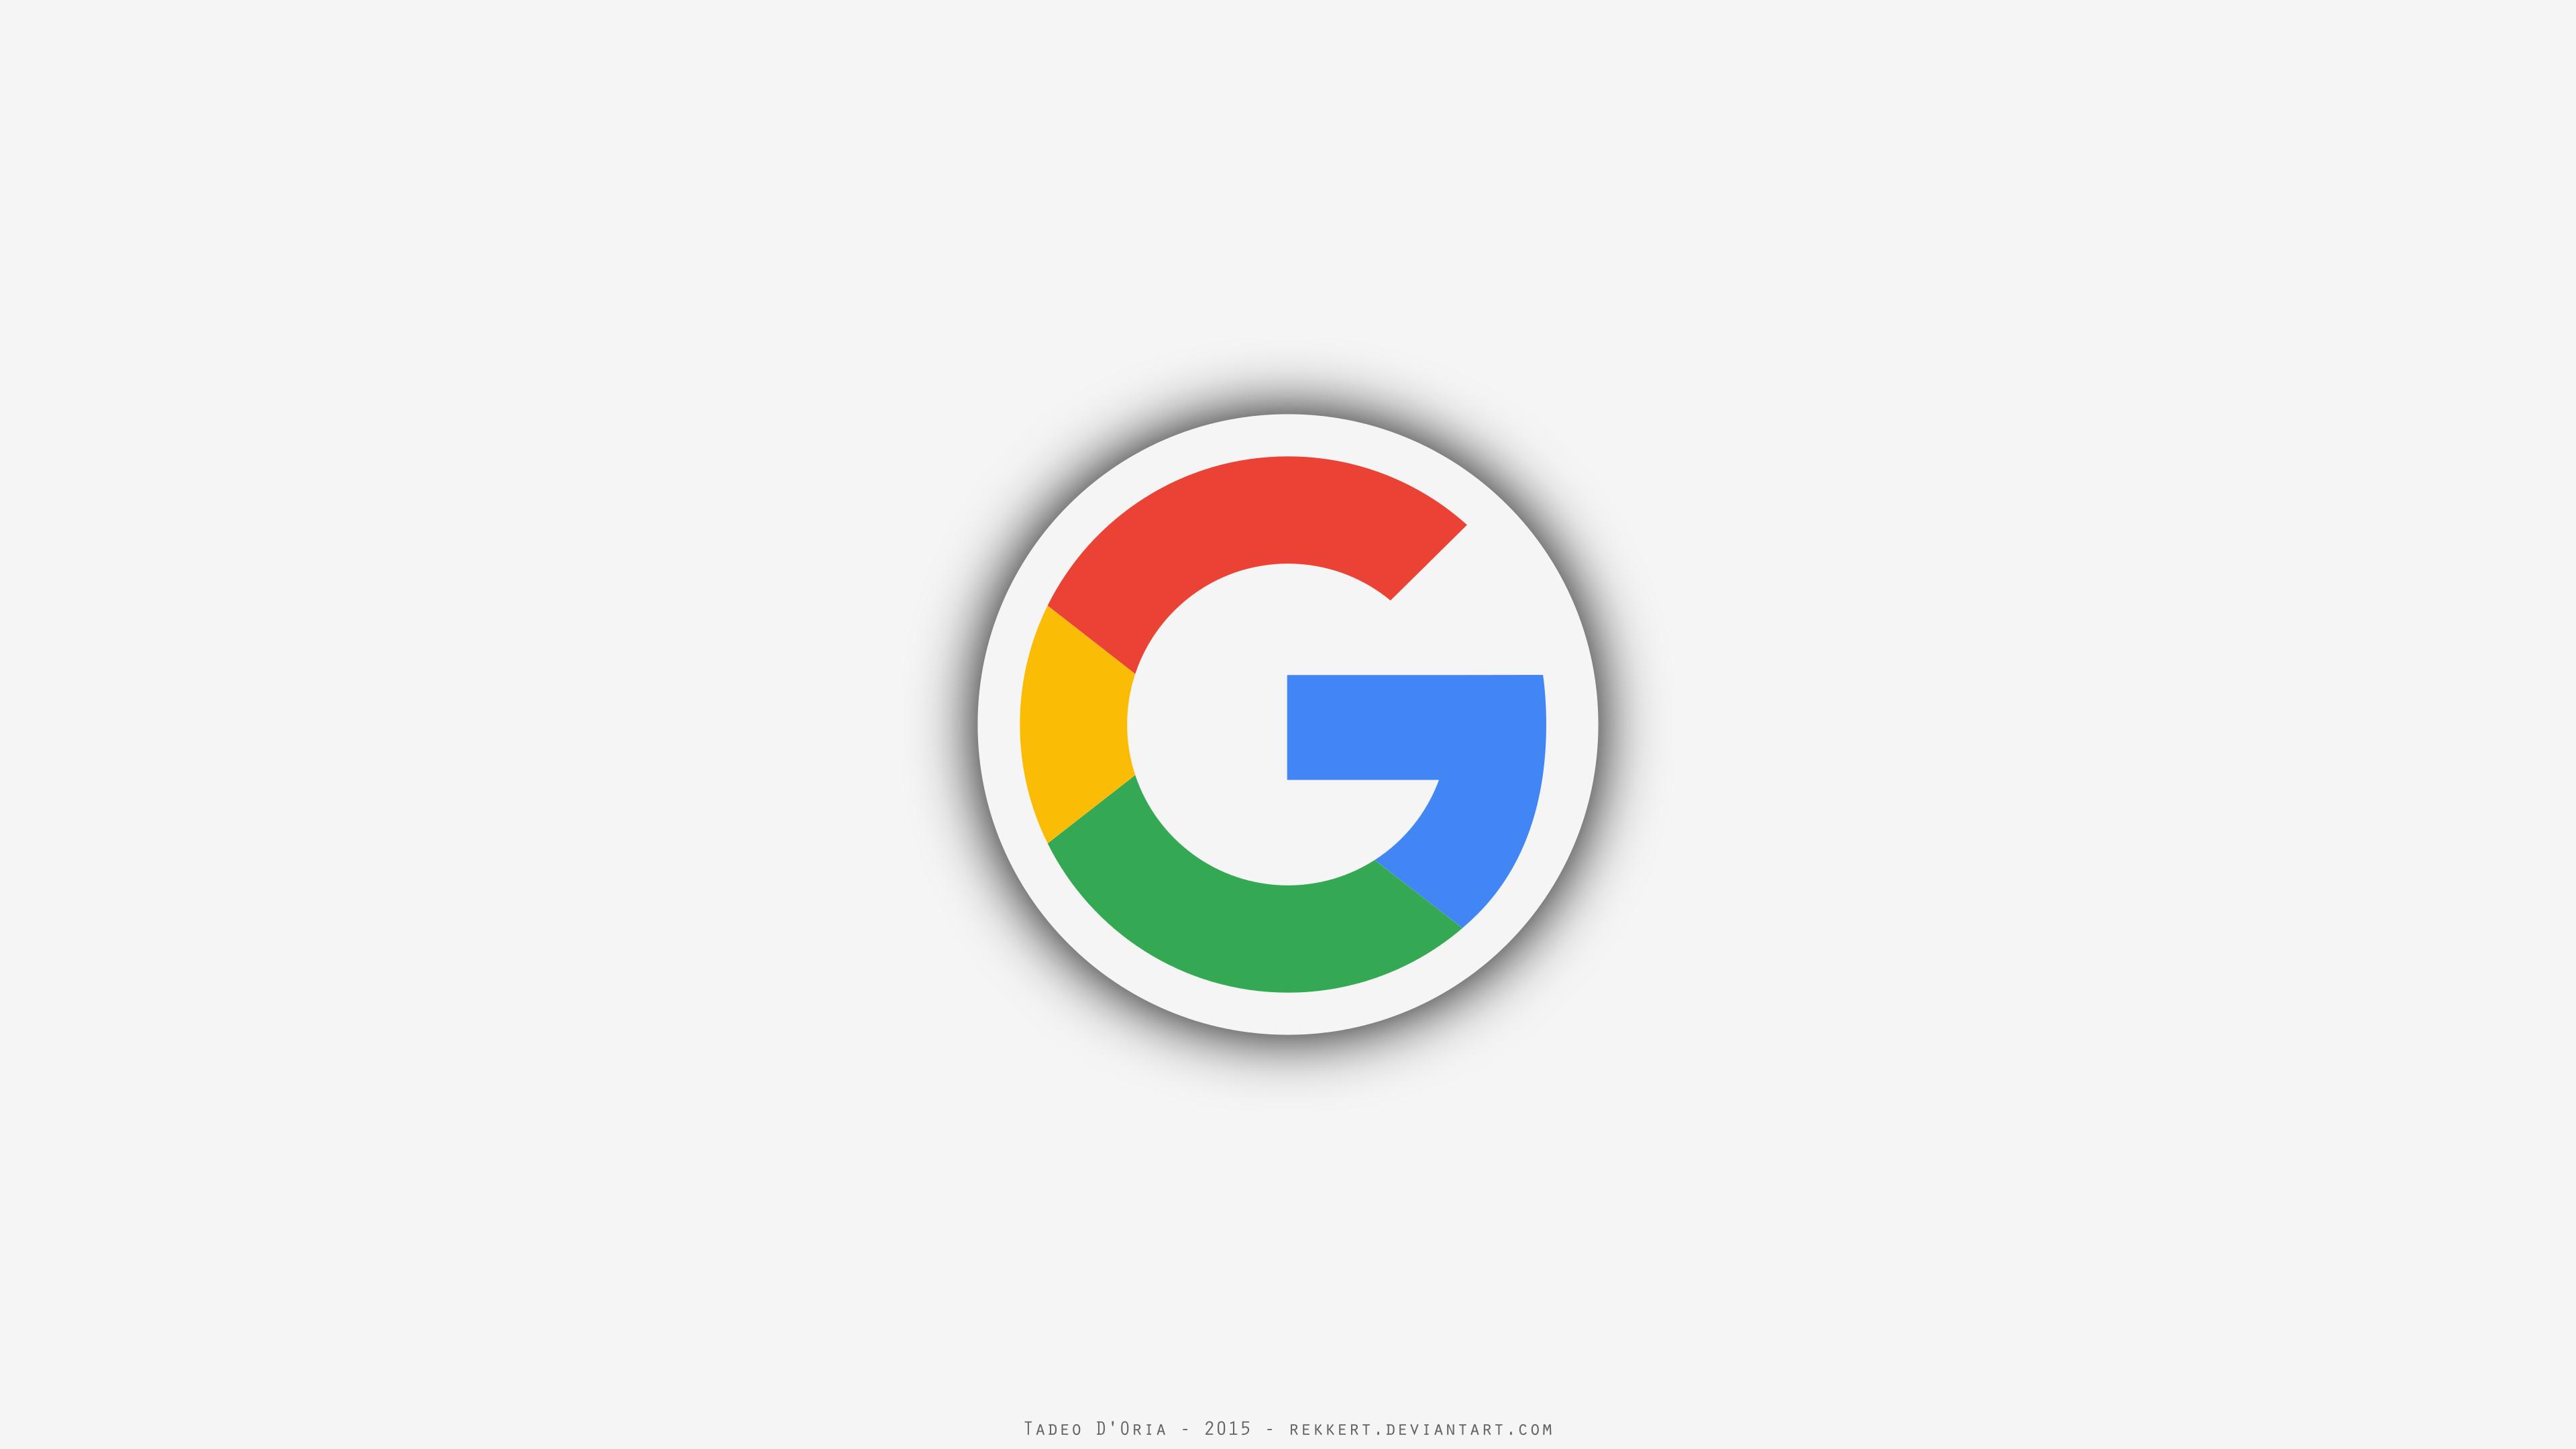 Google Desktop Background 51 images 3840x2160